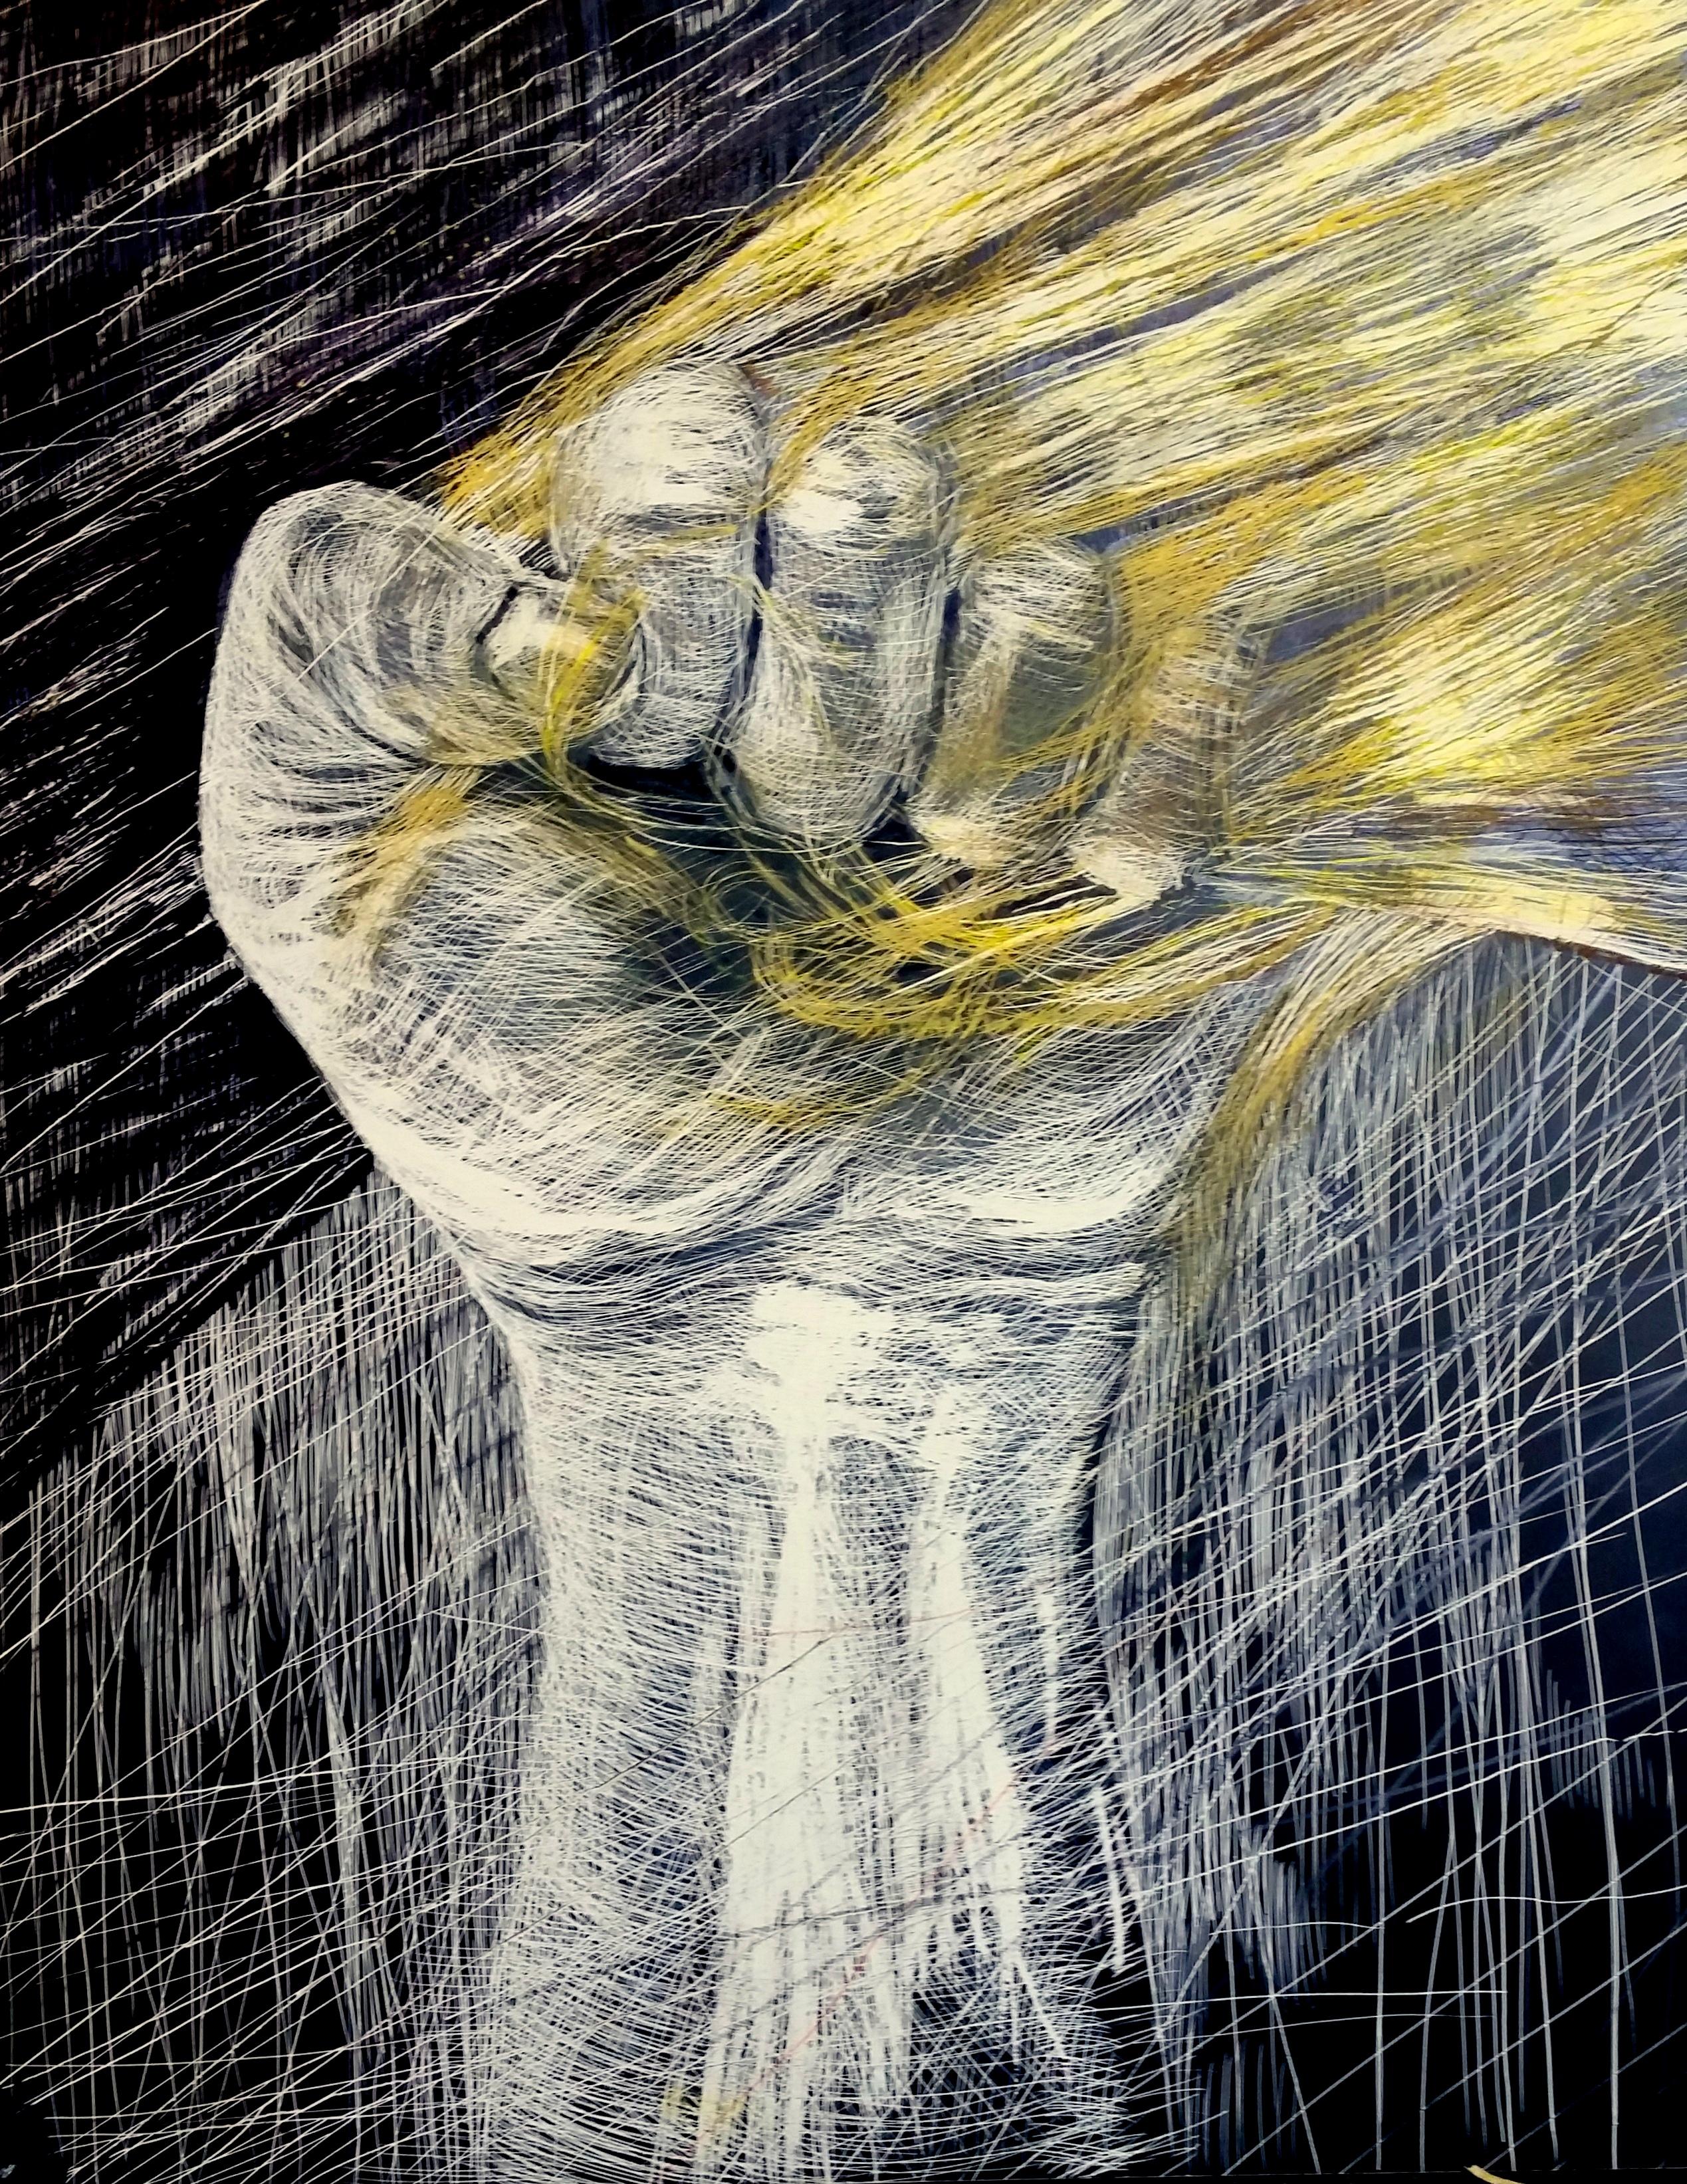 Rape is Not Power